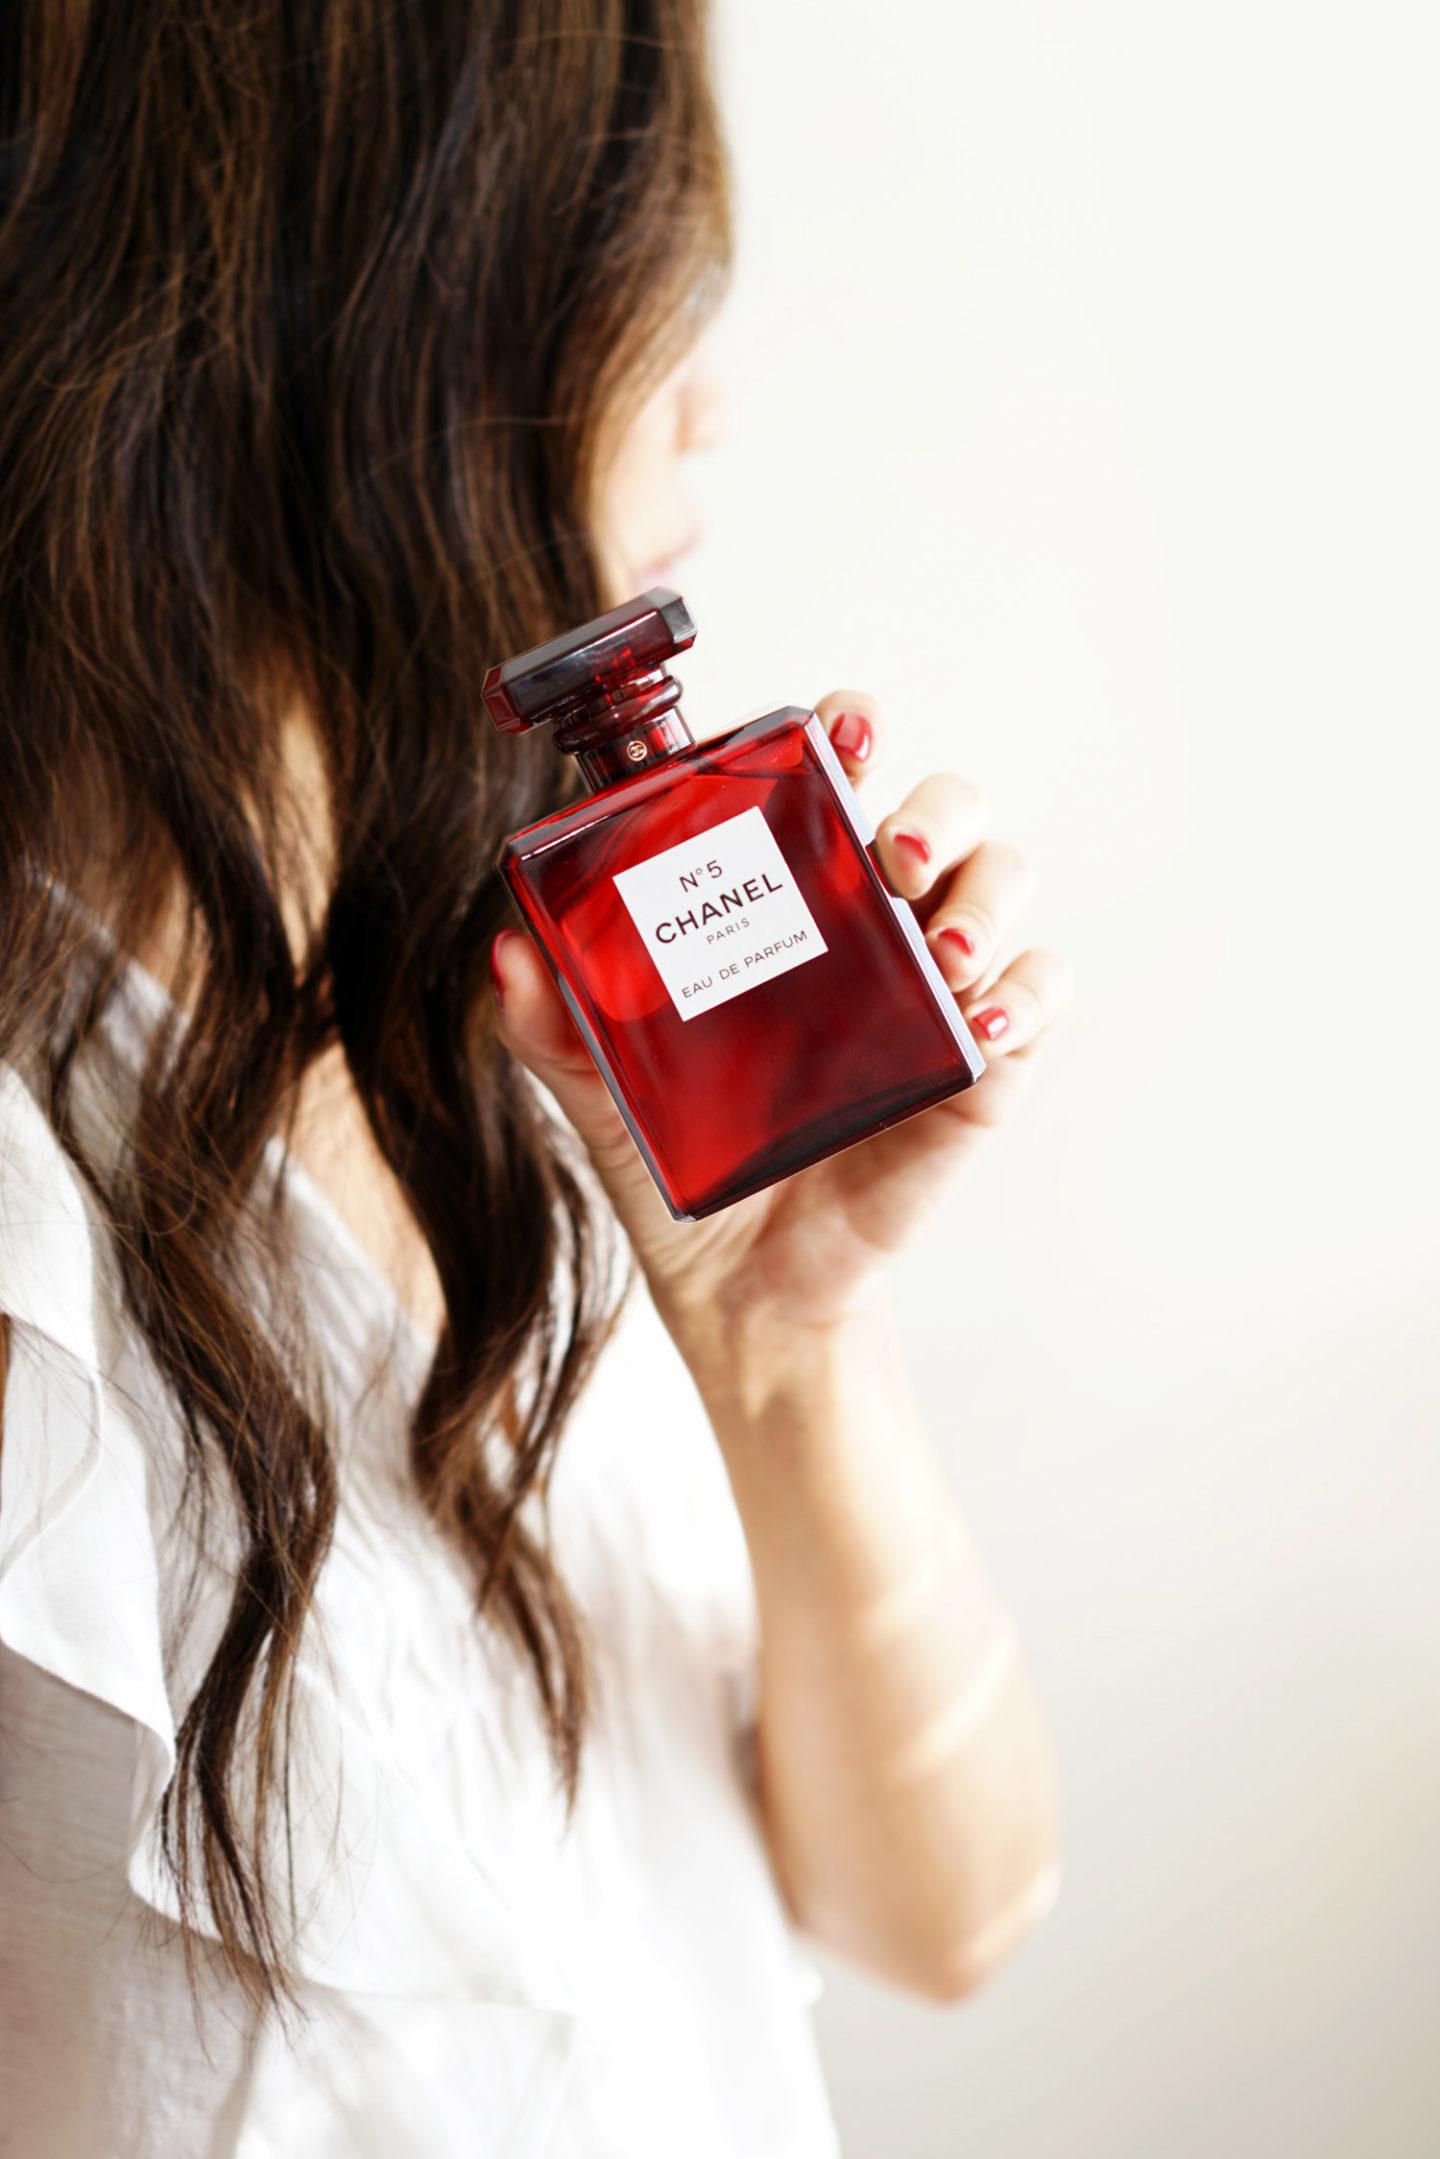 Eau de parfum Chanel No 5, édition rouge, vacances 2018 | Le look book beauté